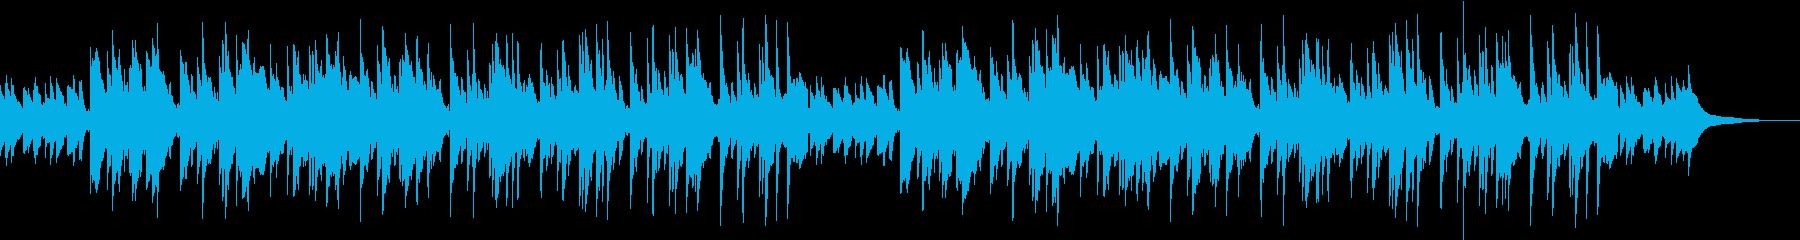 ピアノ 幻想 残響 寂しげの再生済みの波形